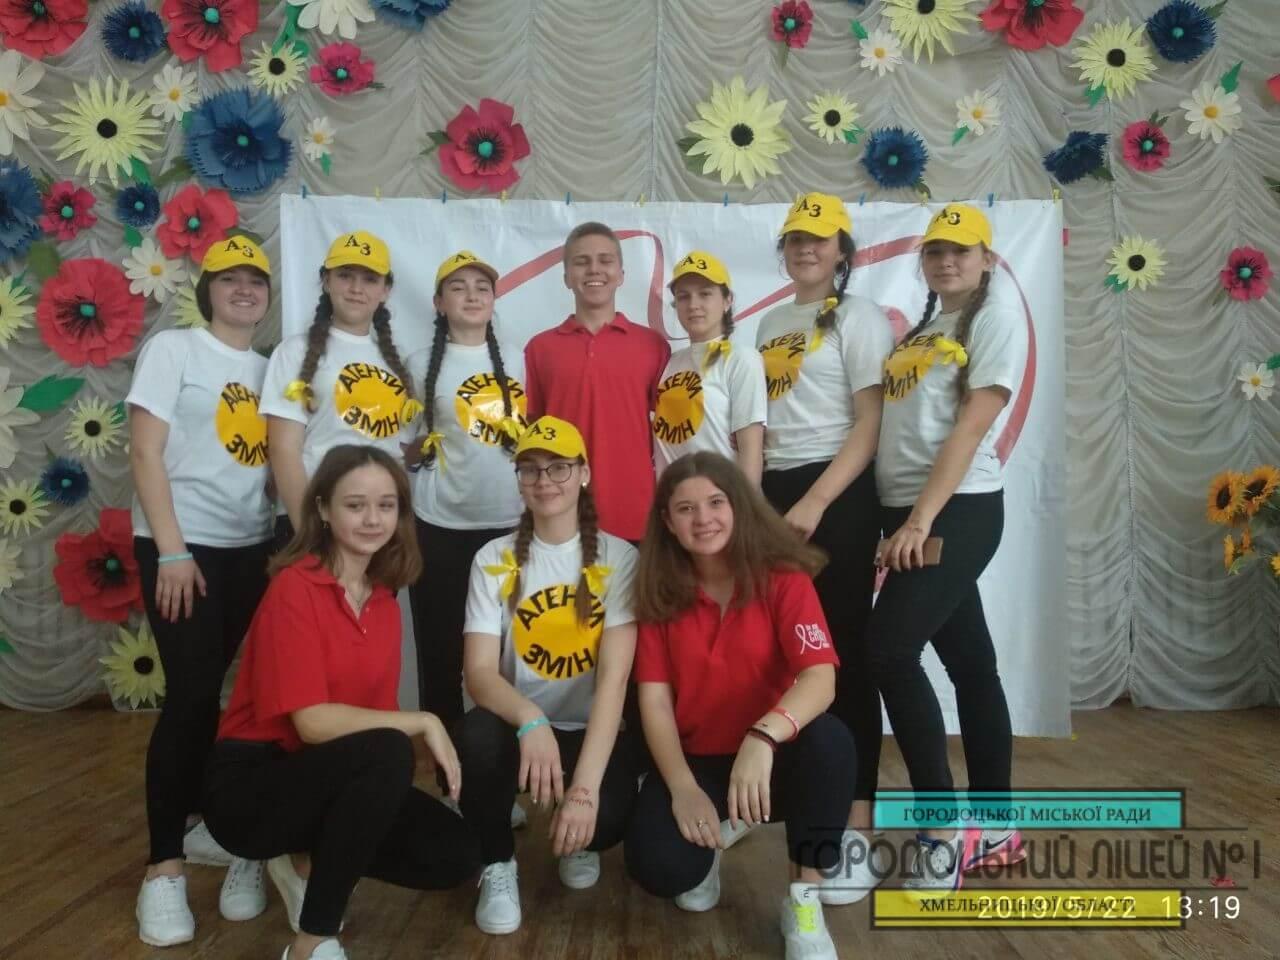 zobrazhennya viber 2019 05 22 18 00 00 - Обласний фестиваль-конкурс «Молодь обирає здоров'я»